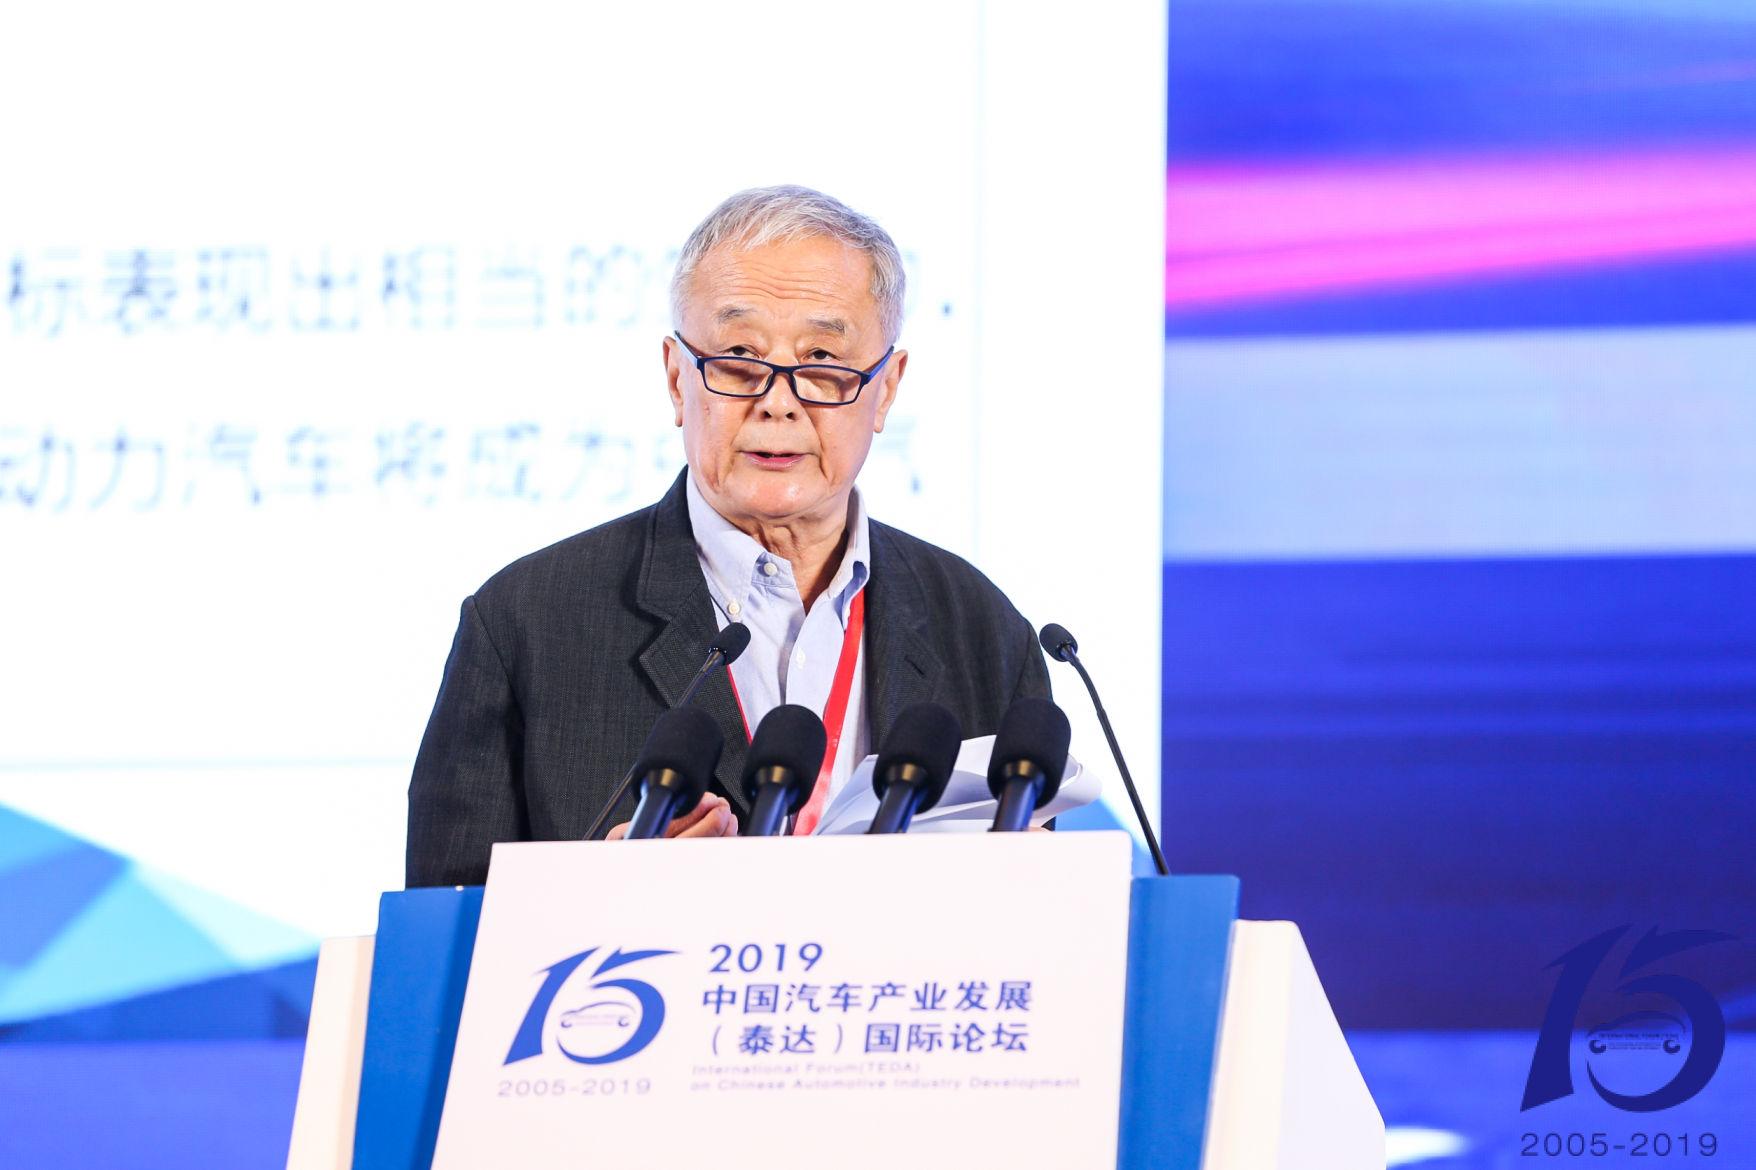 李万里:产业政策大变身,市场要兼顾新旧与内外